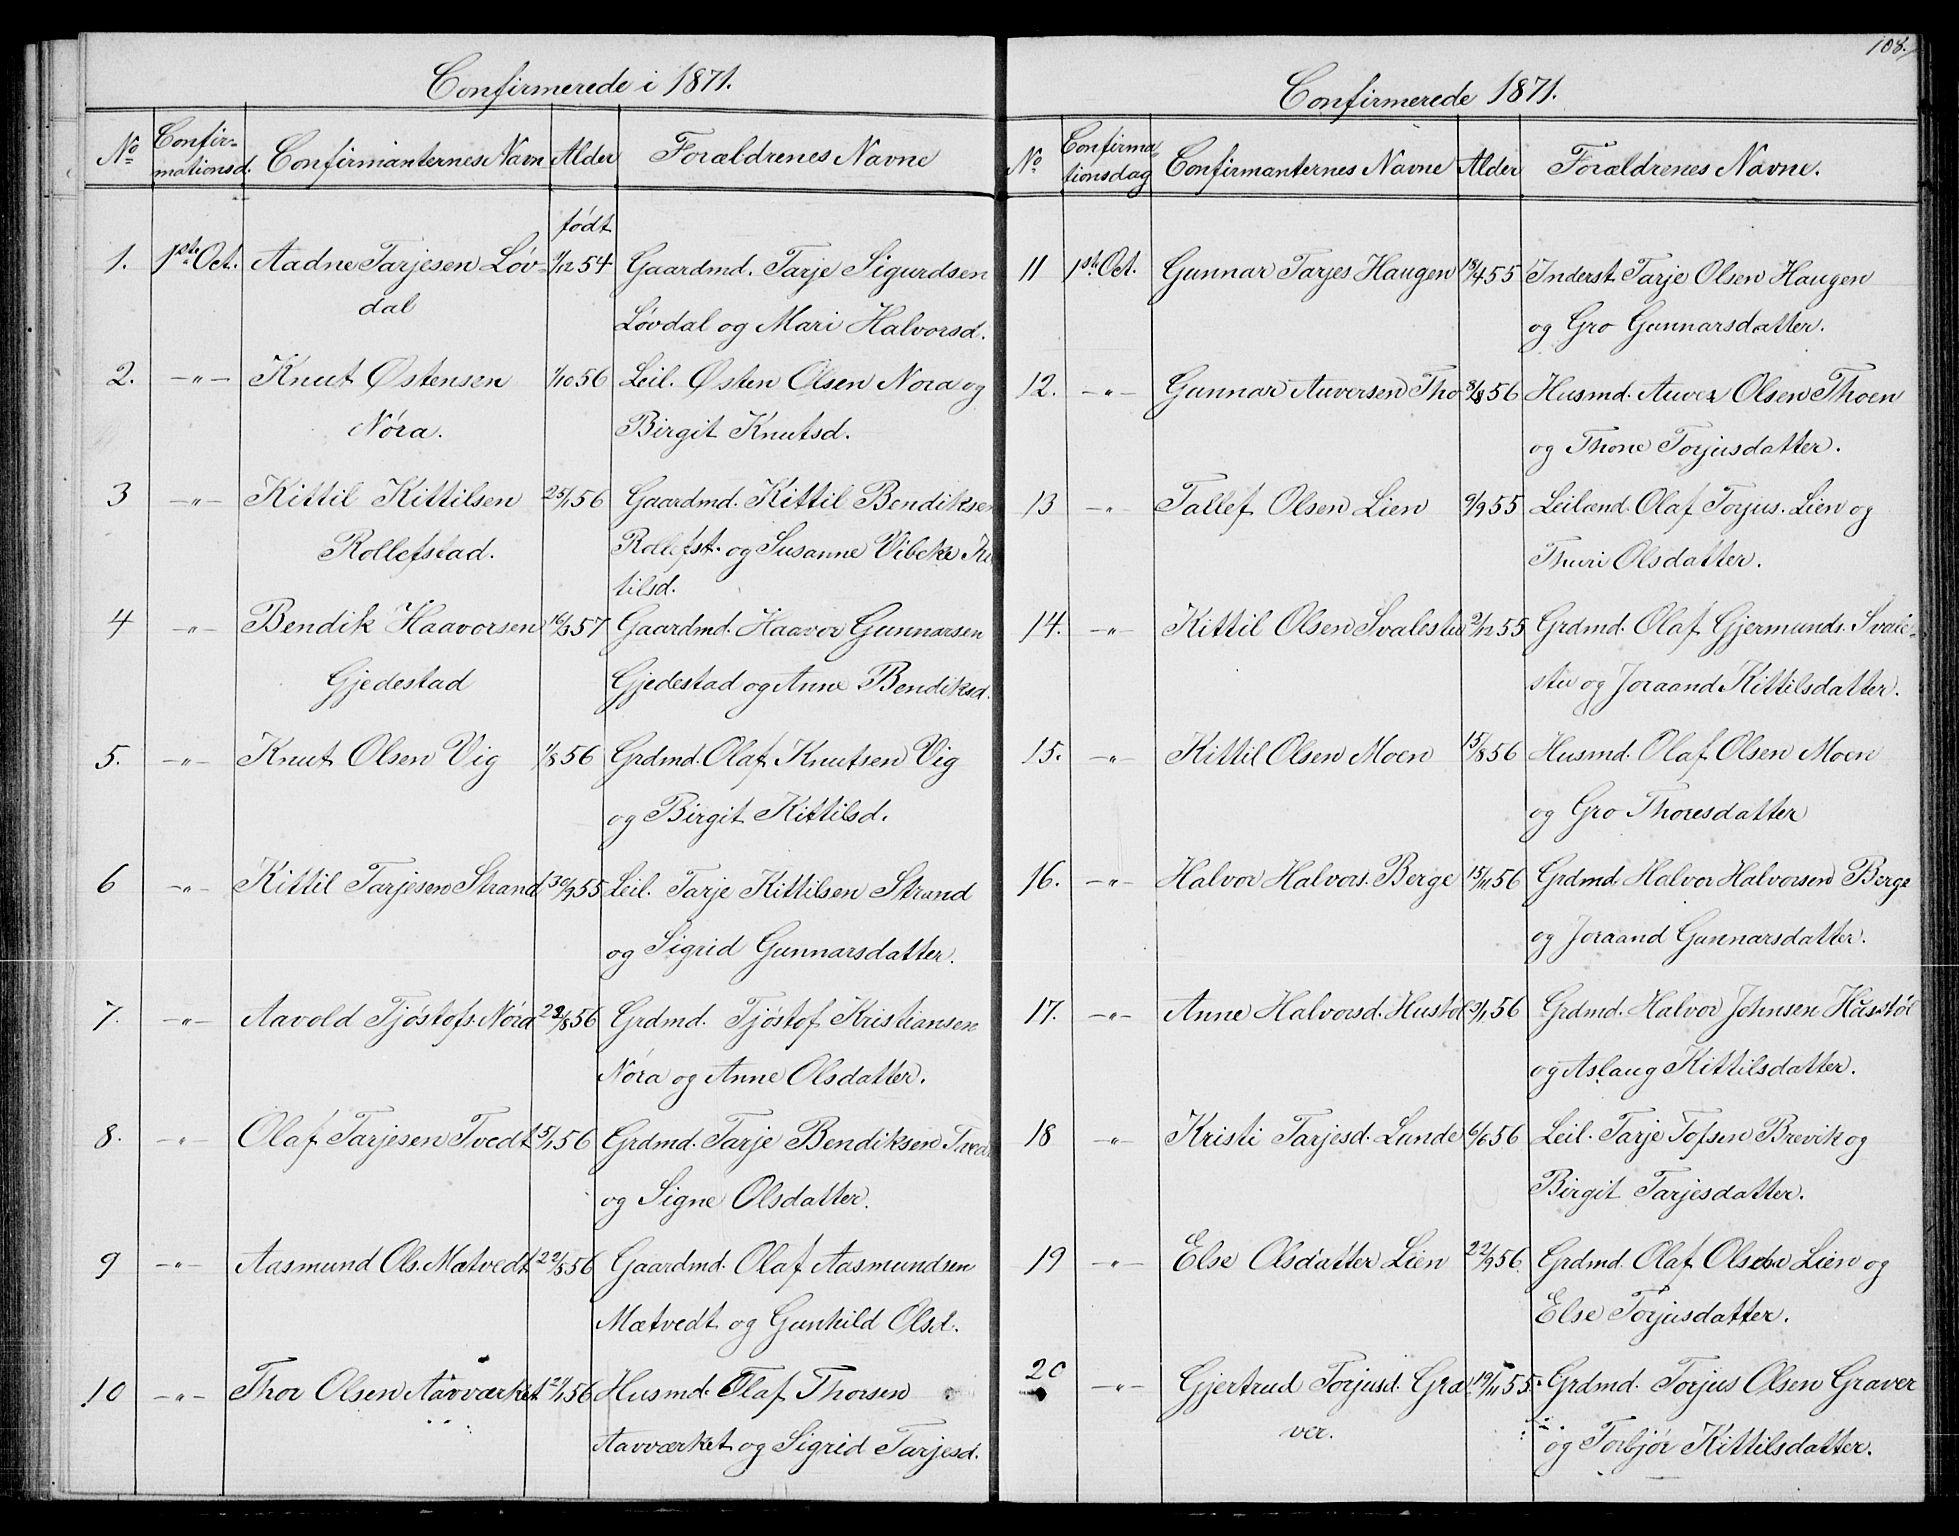 SAKO, Fyresdal kirkebøker, G/Ga/L0004: Klokkerbok nr. I 4, 1864-1892, s. 108